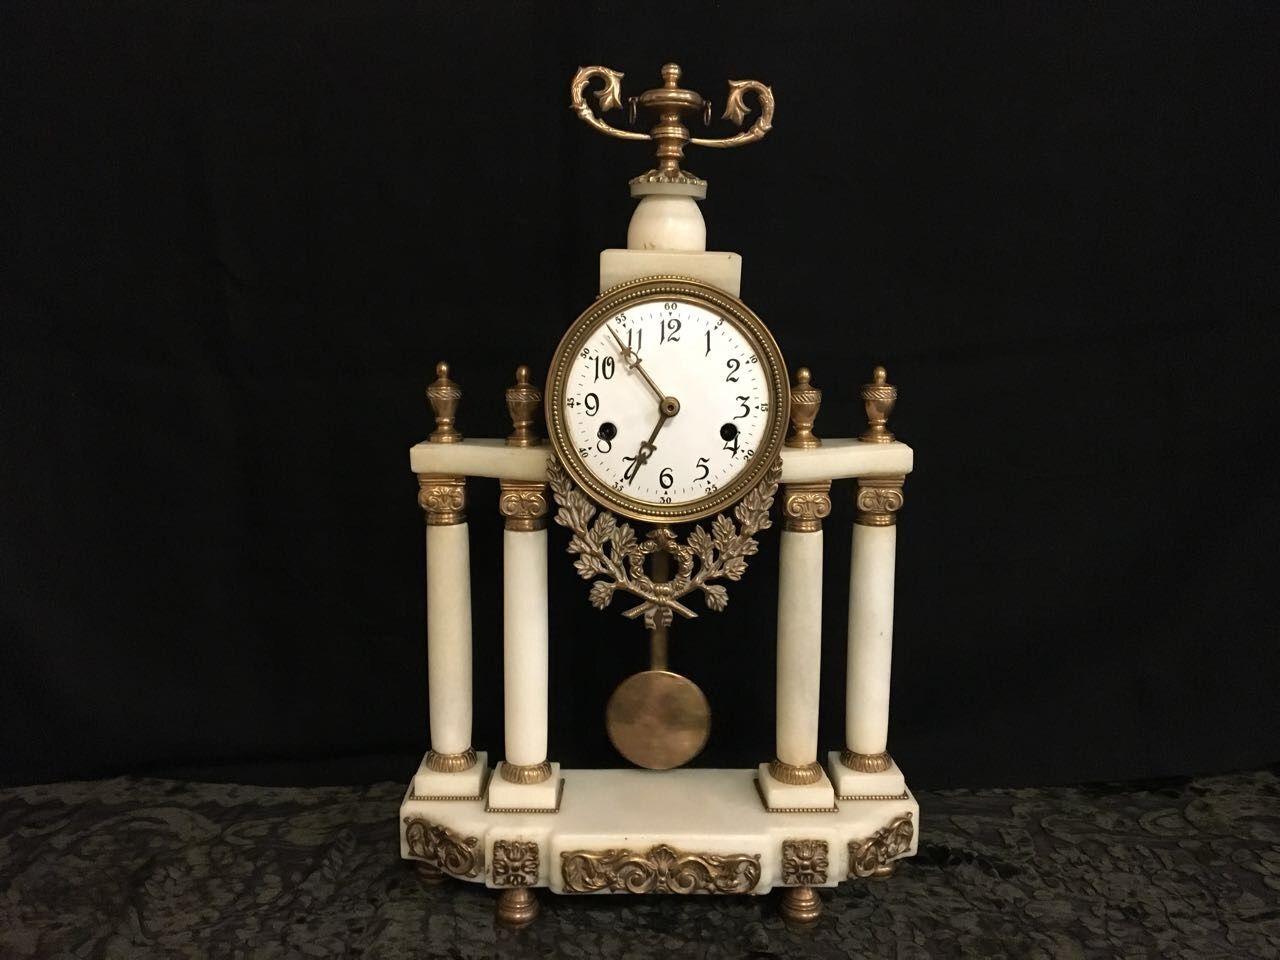 Часы аукционе антикварные продать на в краснодаре выкуп часов срочный